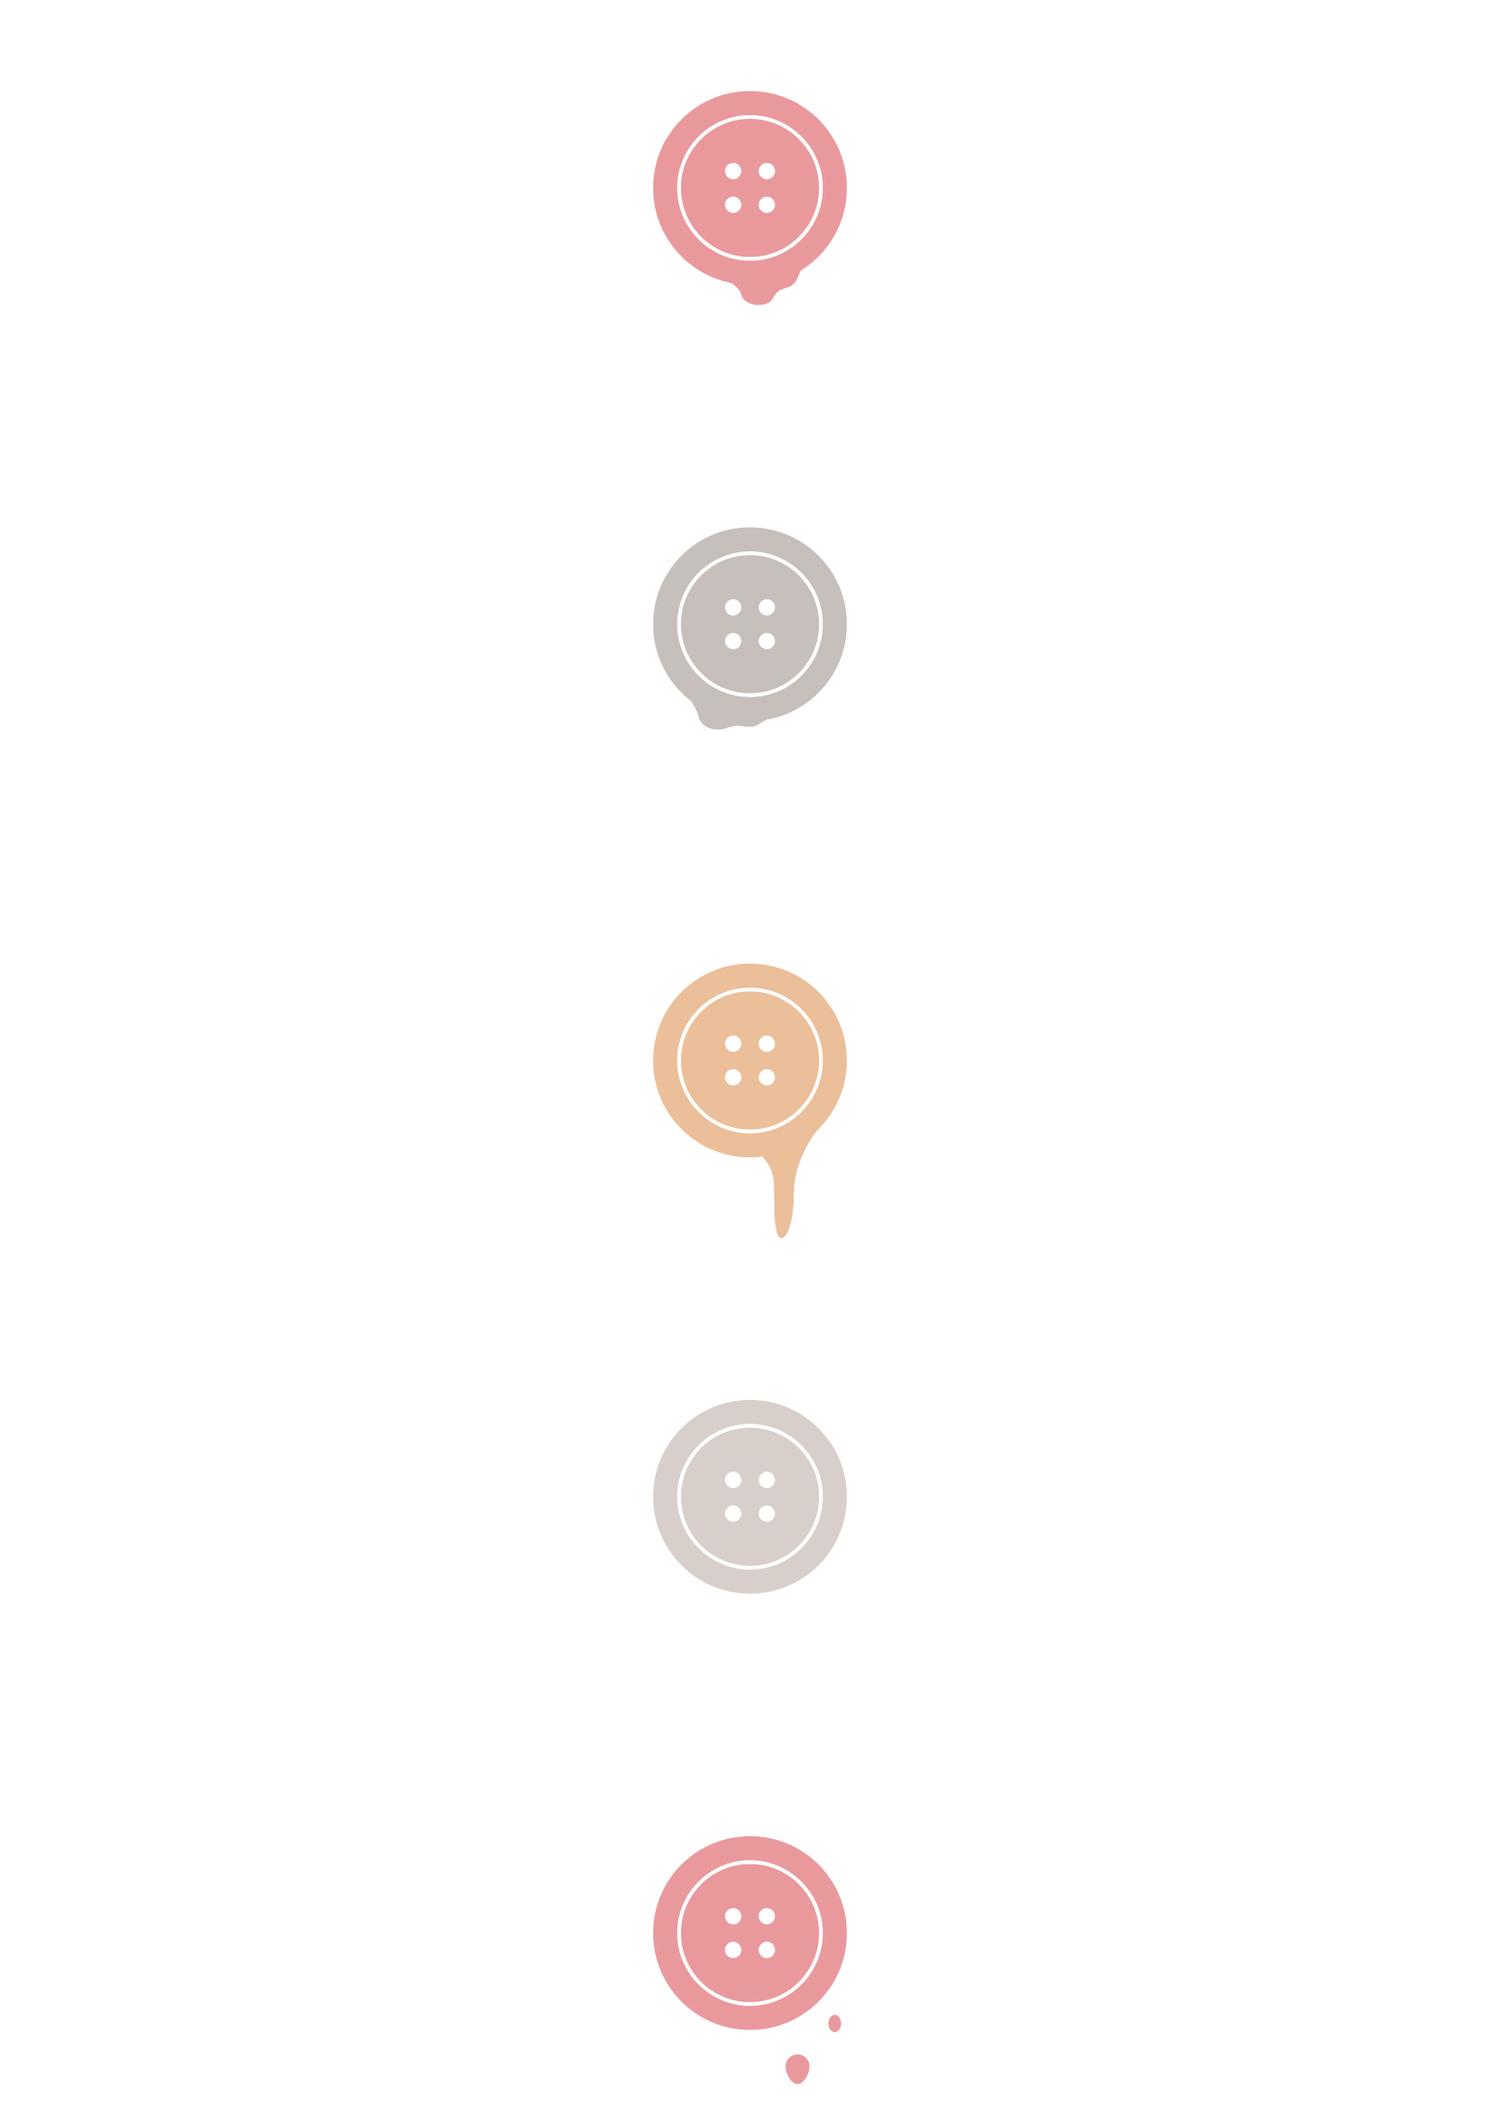 したたるボタンシリーズ